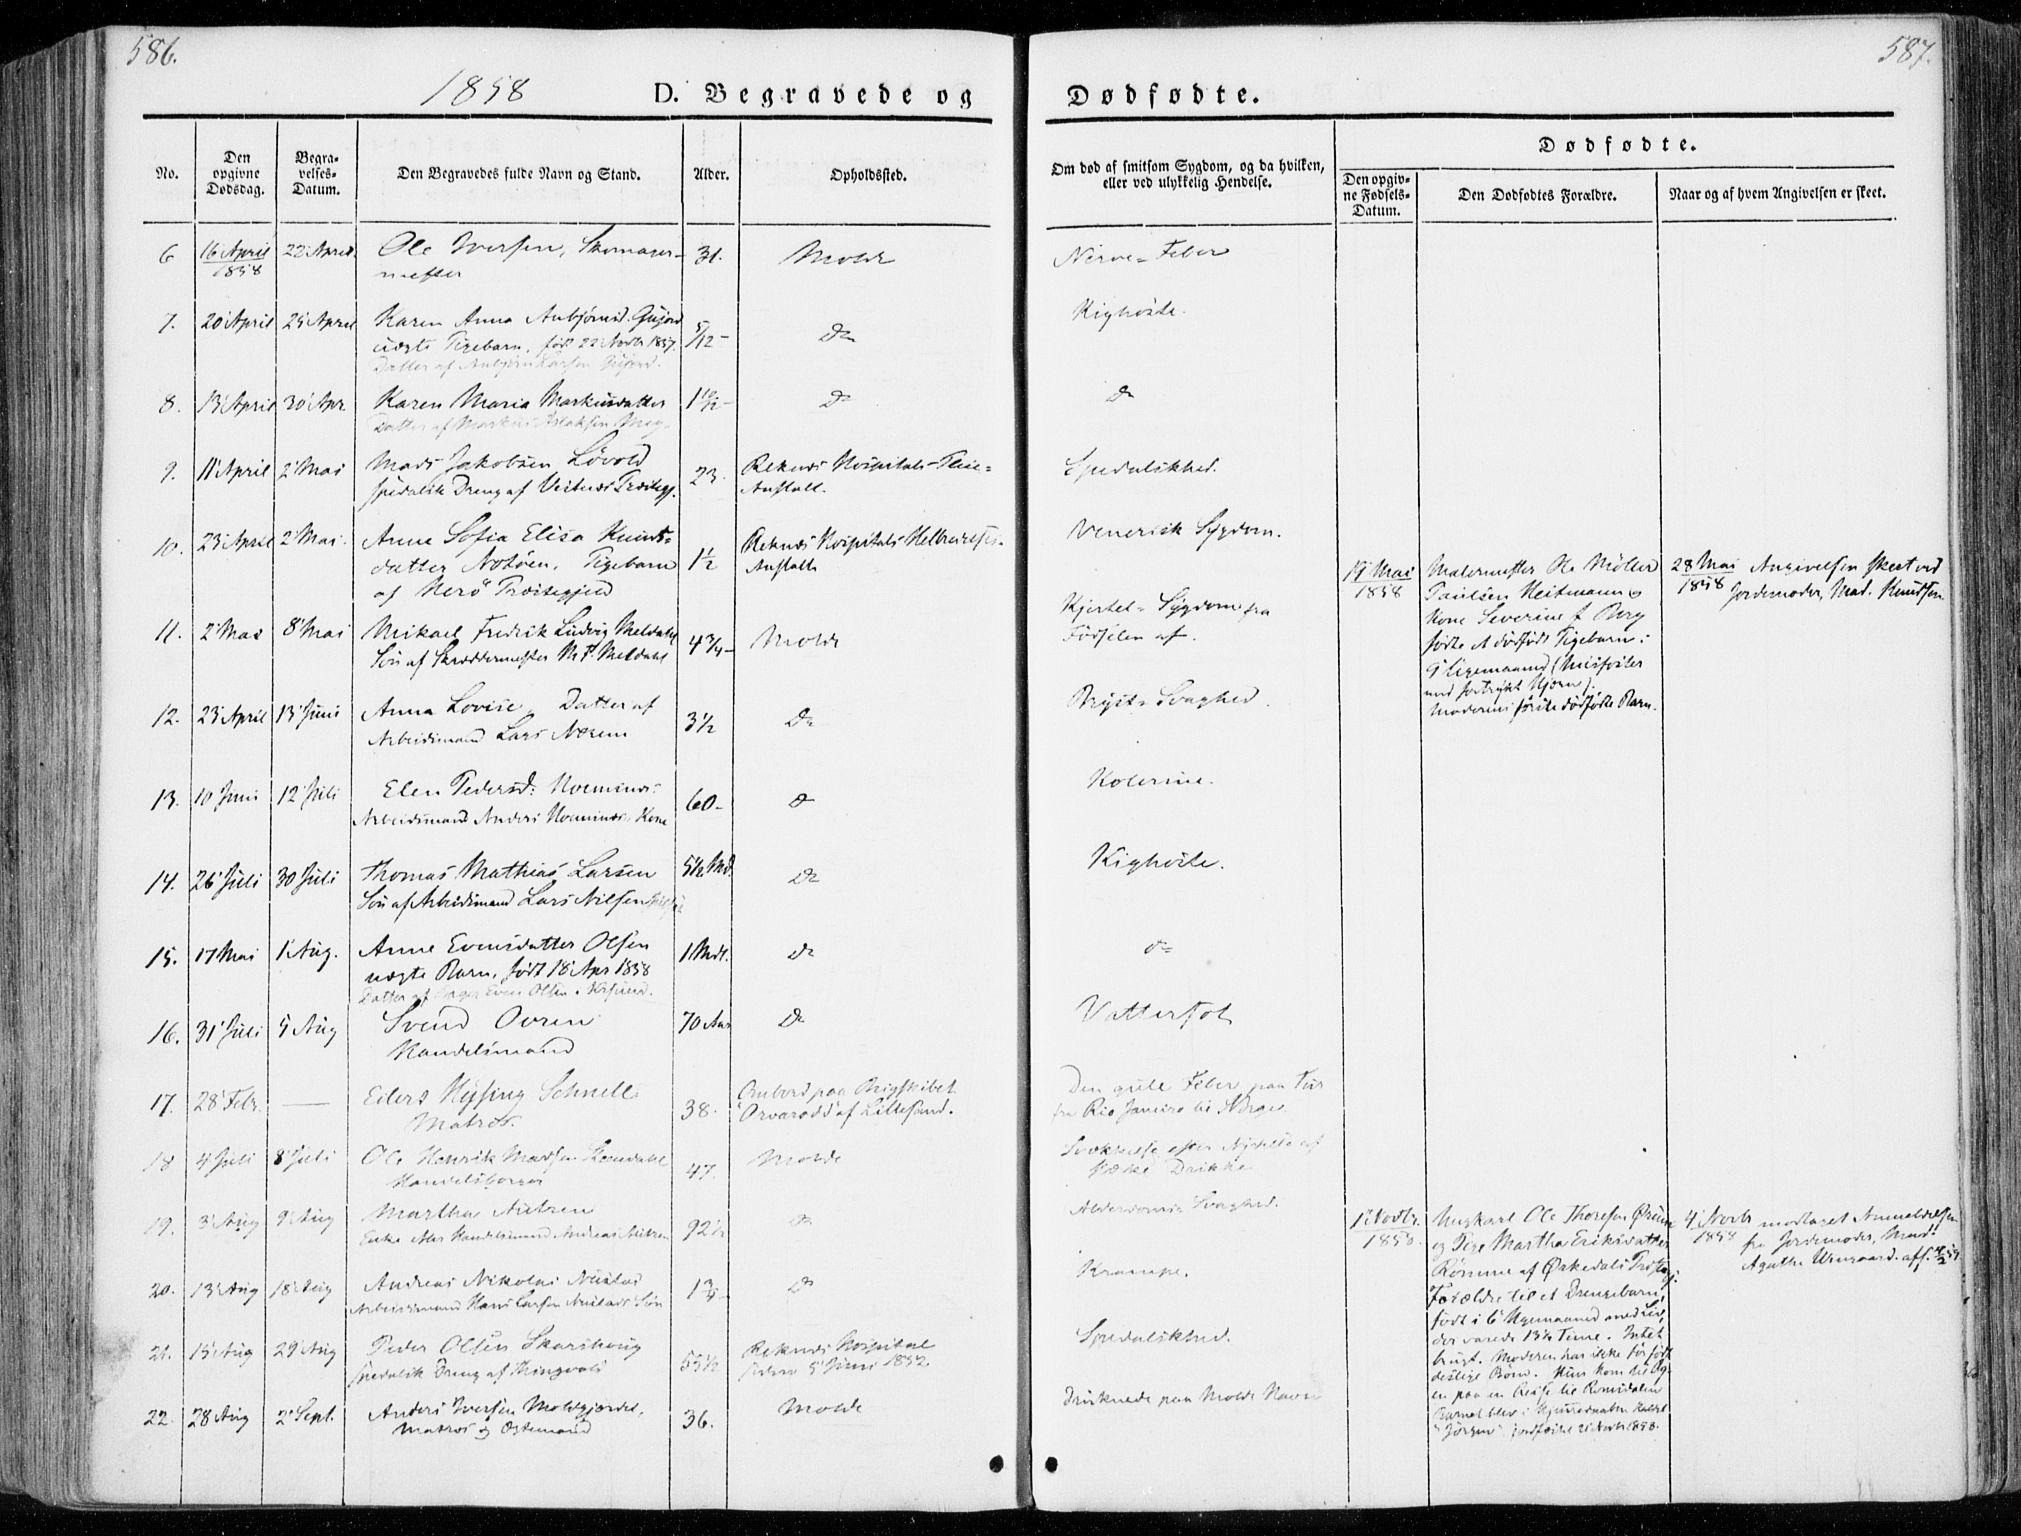 SAT, Ministerialprotokoller, klokkerbøker og fødselsregistre - Møre og Romsdal, 558/L0689: Ministerialbok nr. 558A03, 1843-1872, s. 586-587